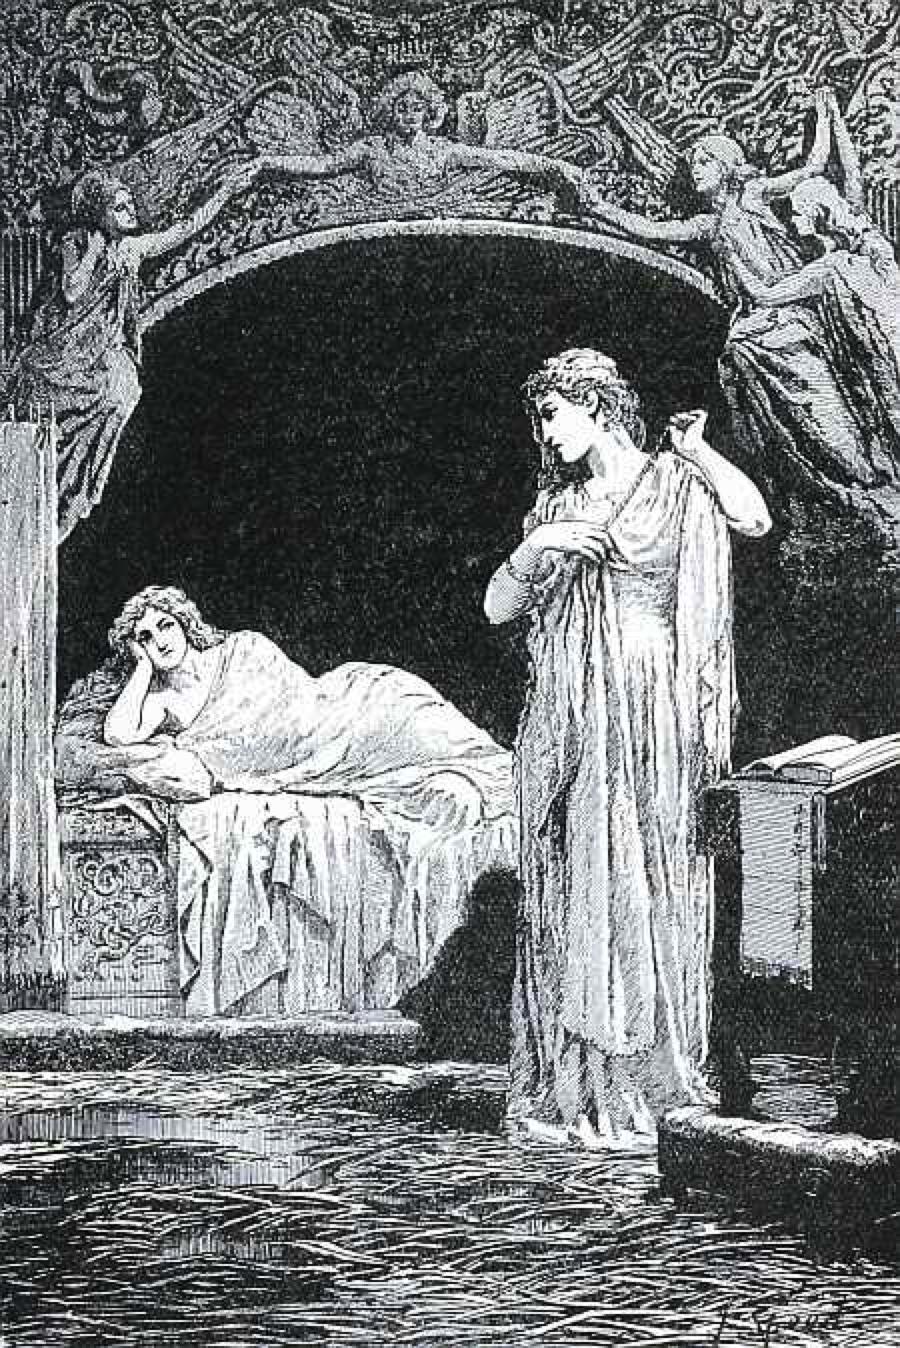 Mary Shelley coleridge